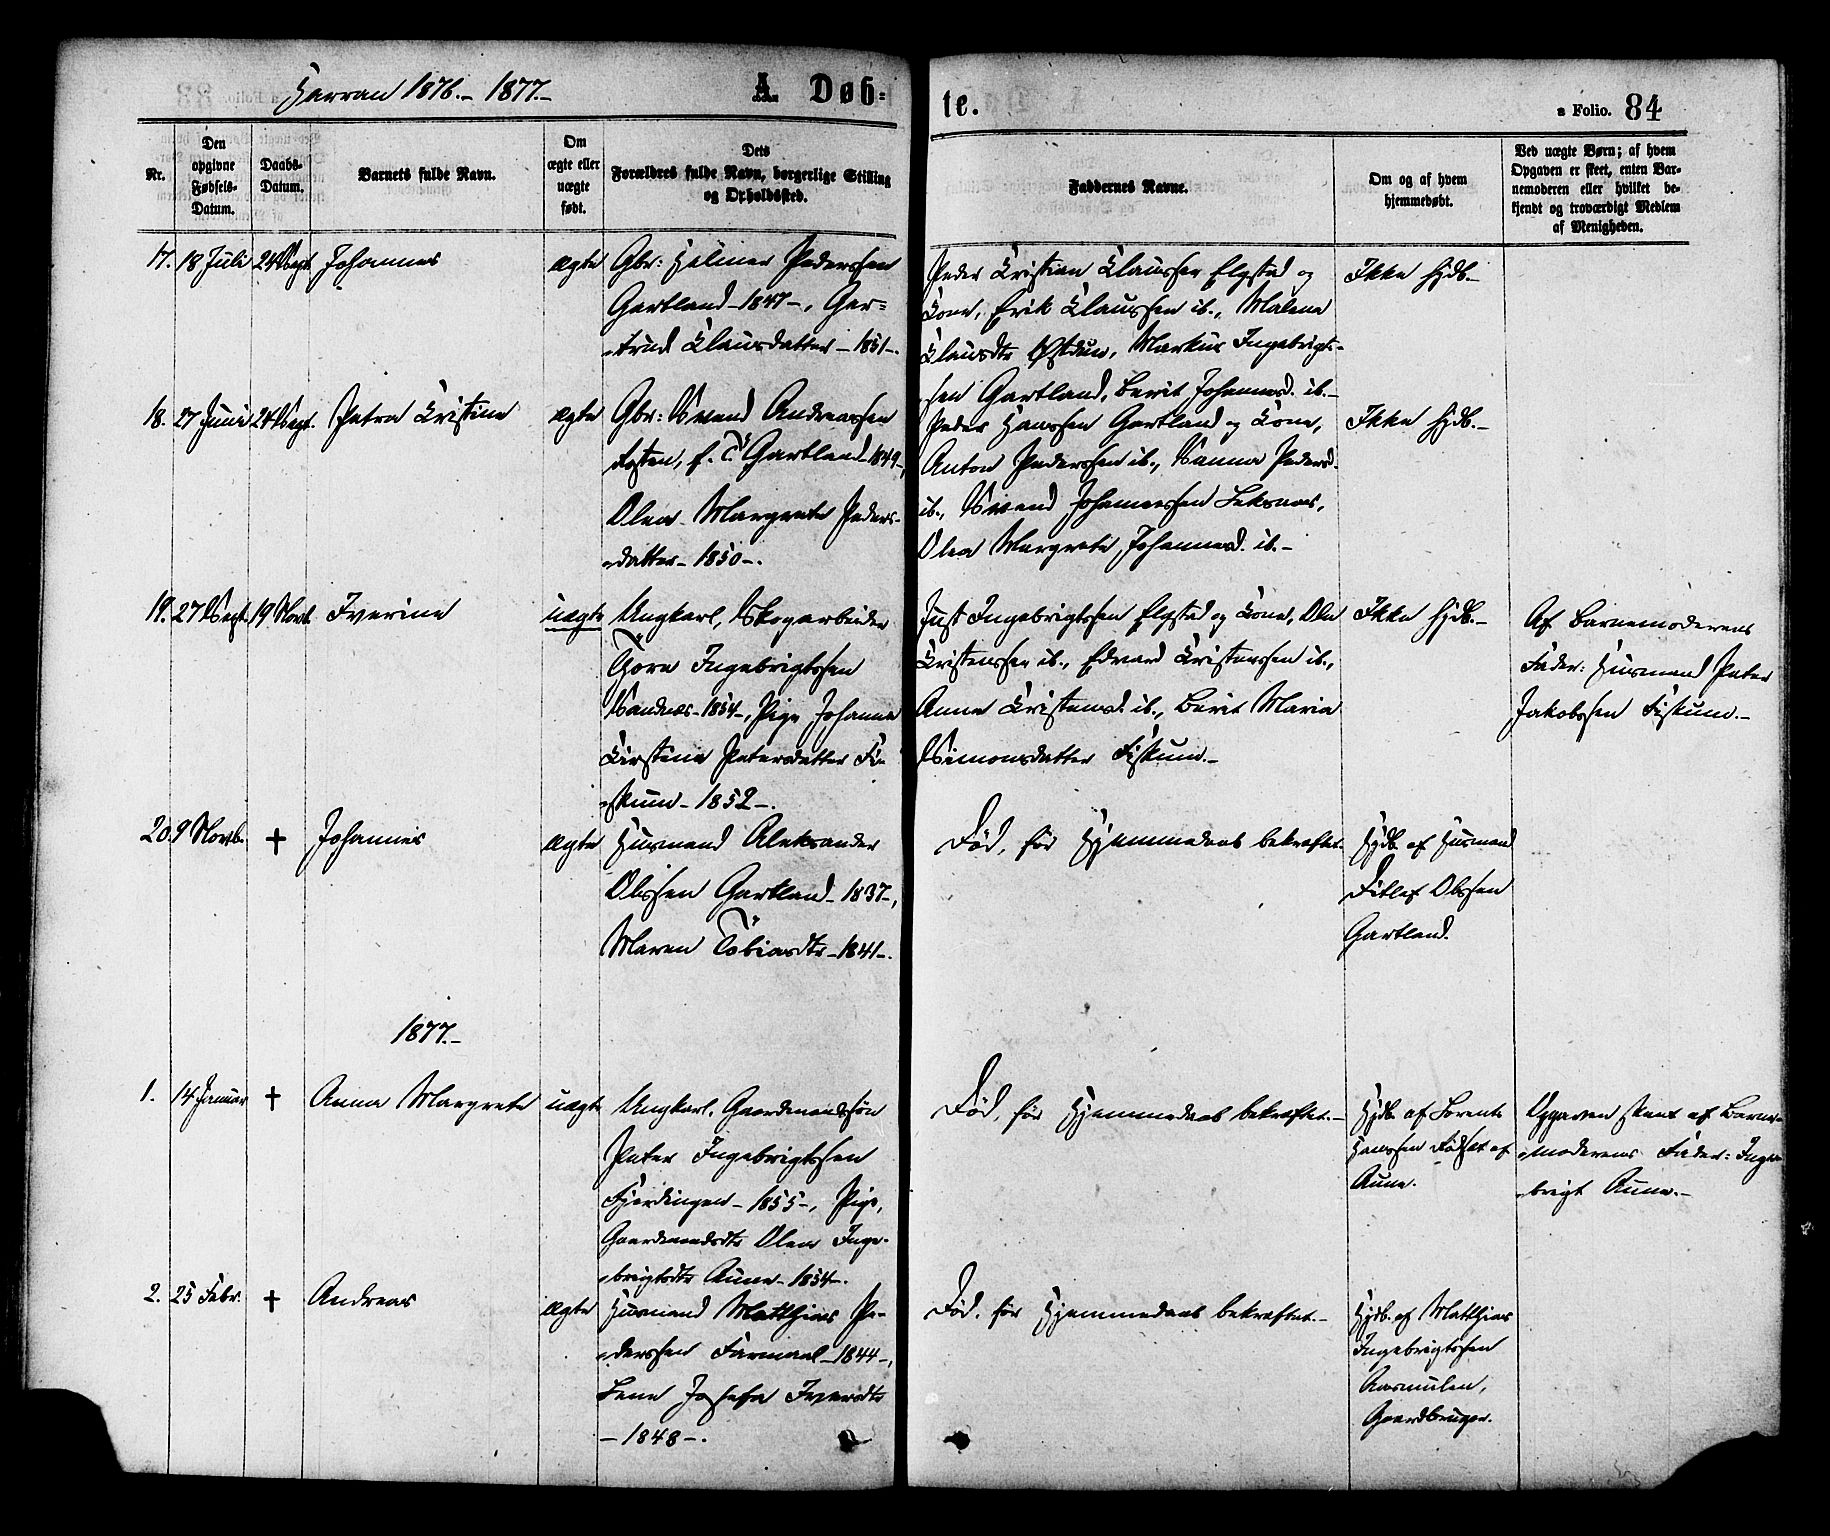 SAT, Ministerialprotokoller, klokkerbøker og fødselsregistre - Nord-Trøndelag, 758/L0516: Ministerialbok nr. 758A03 /3, 1869-1879, s. 84